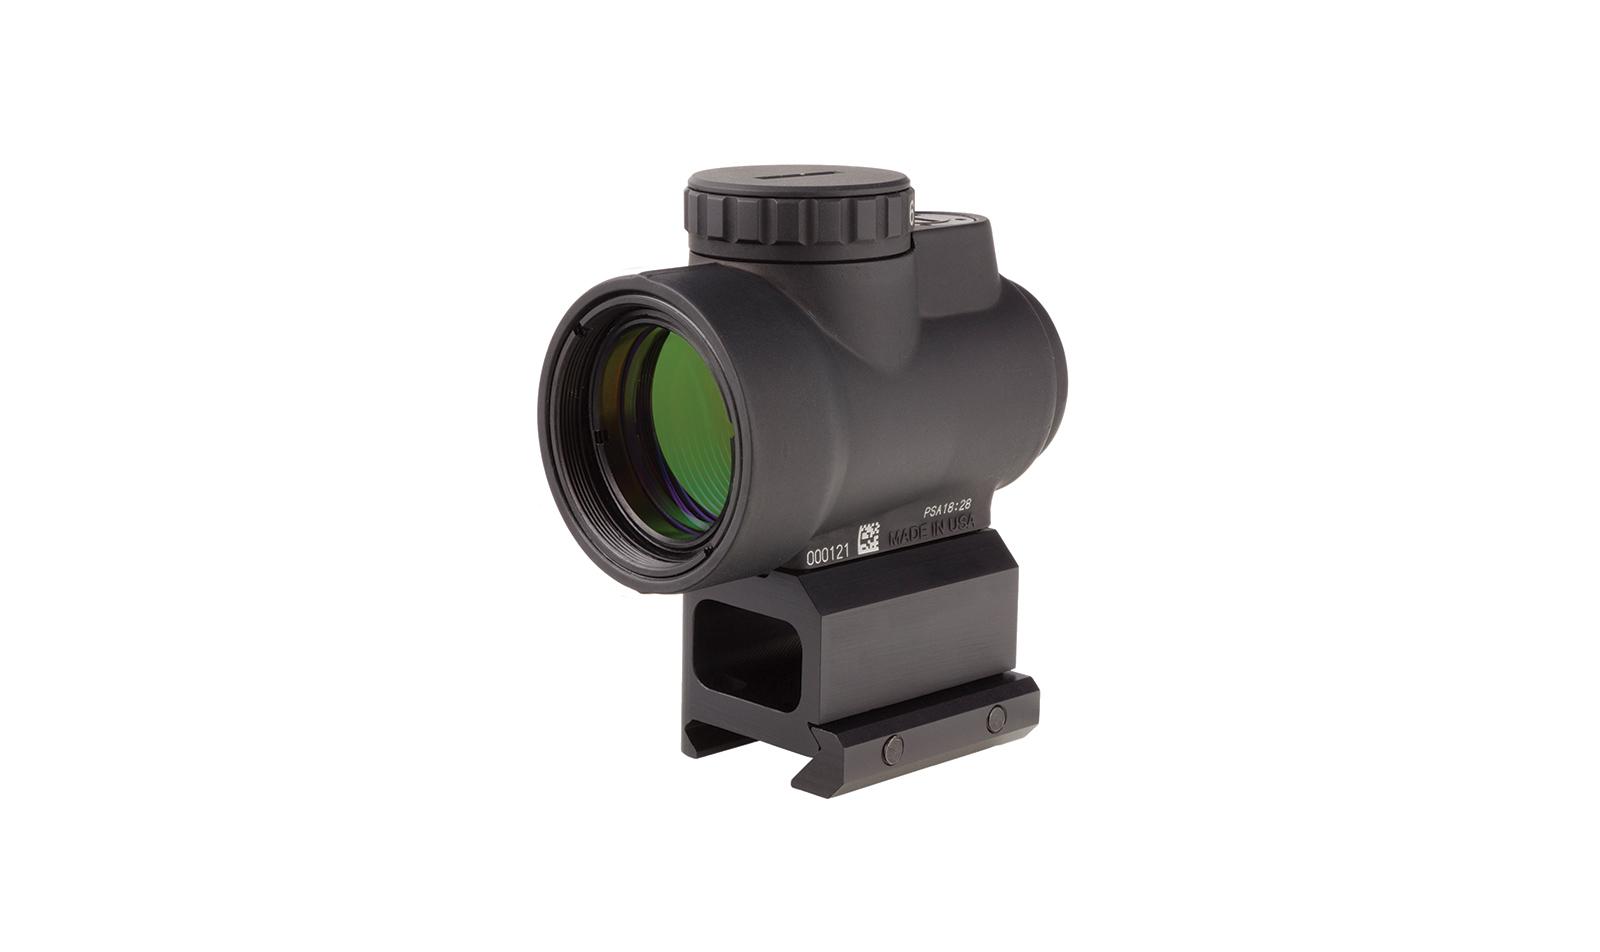 MRO-C-2200006 angle 1